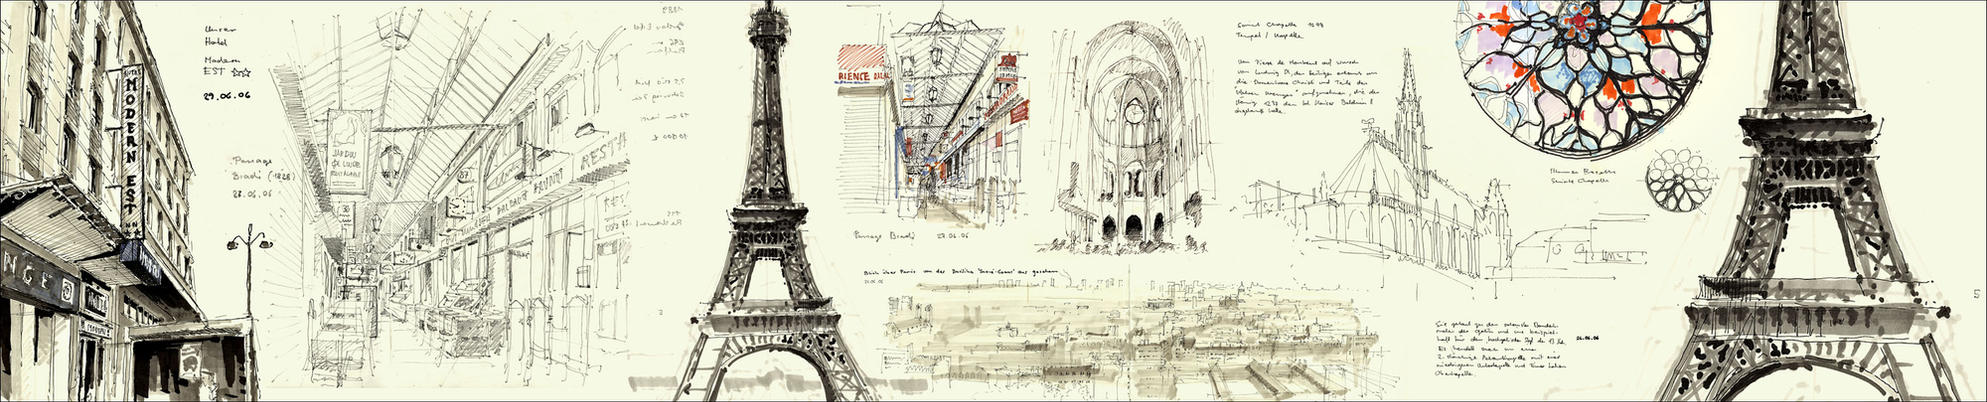 Paris by tomschmid